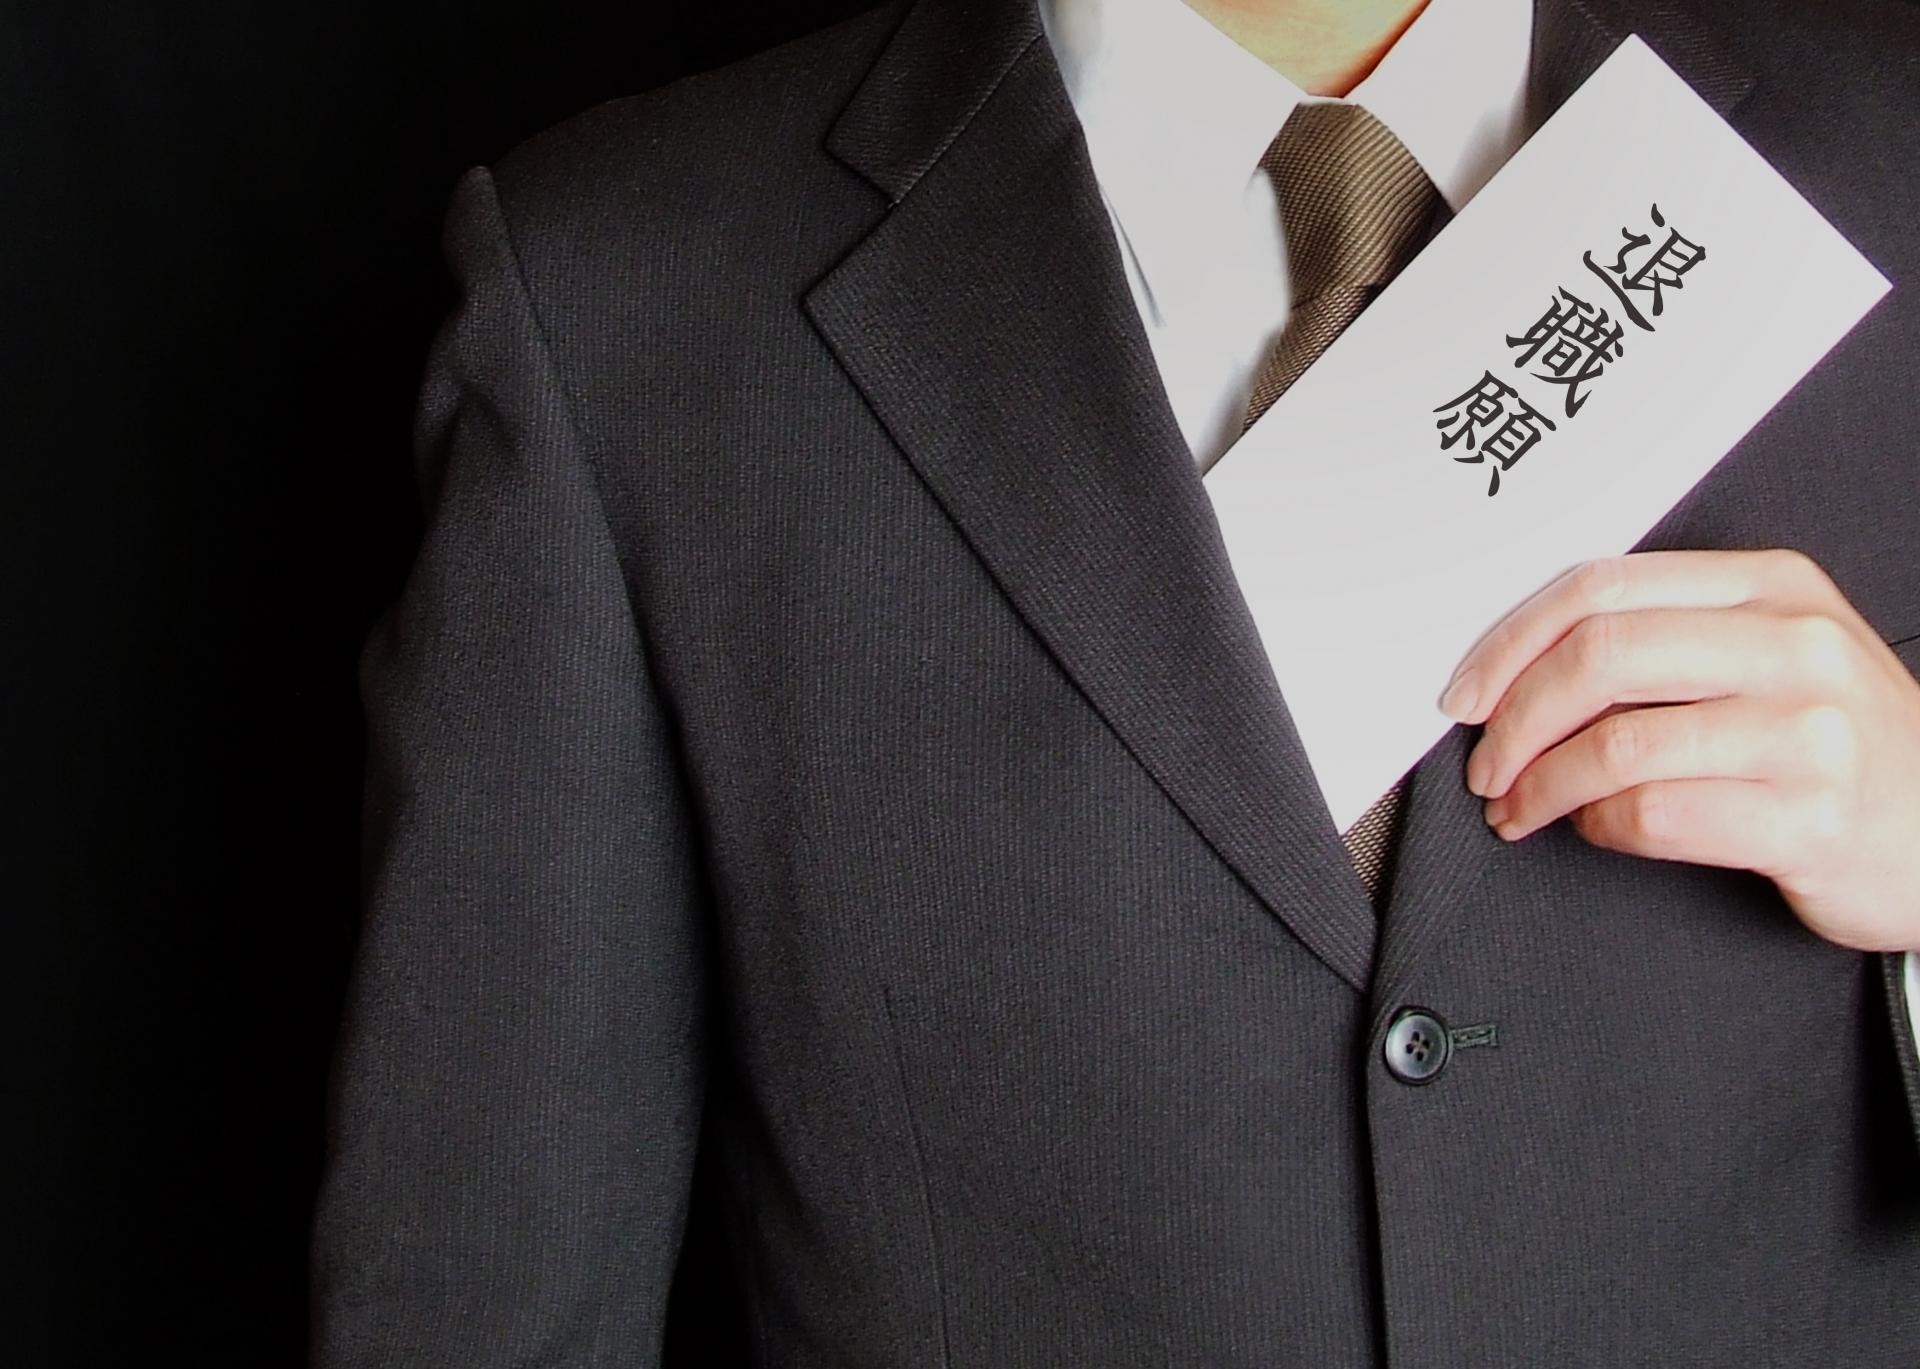 【20代の辞めたい人向け】公務員の辞め方と注意点